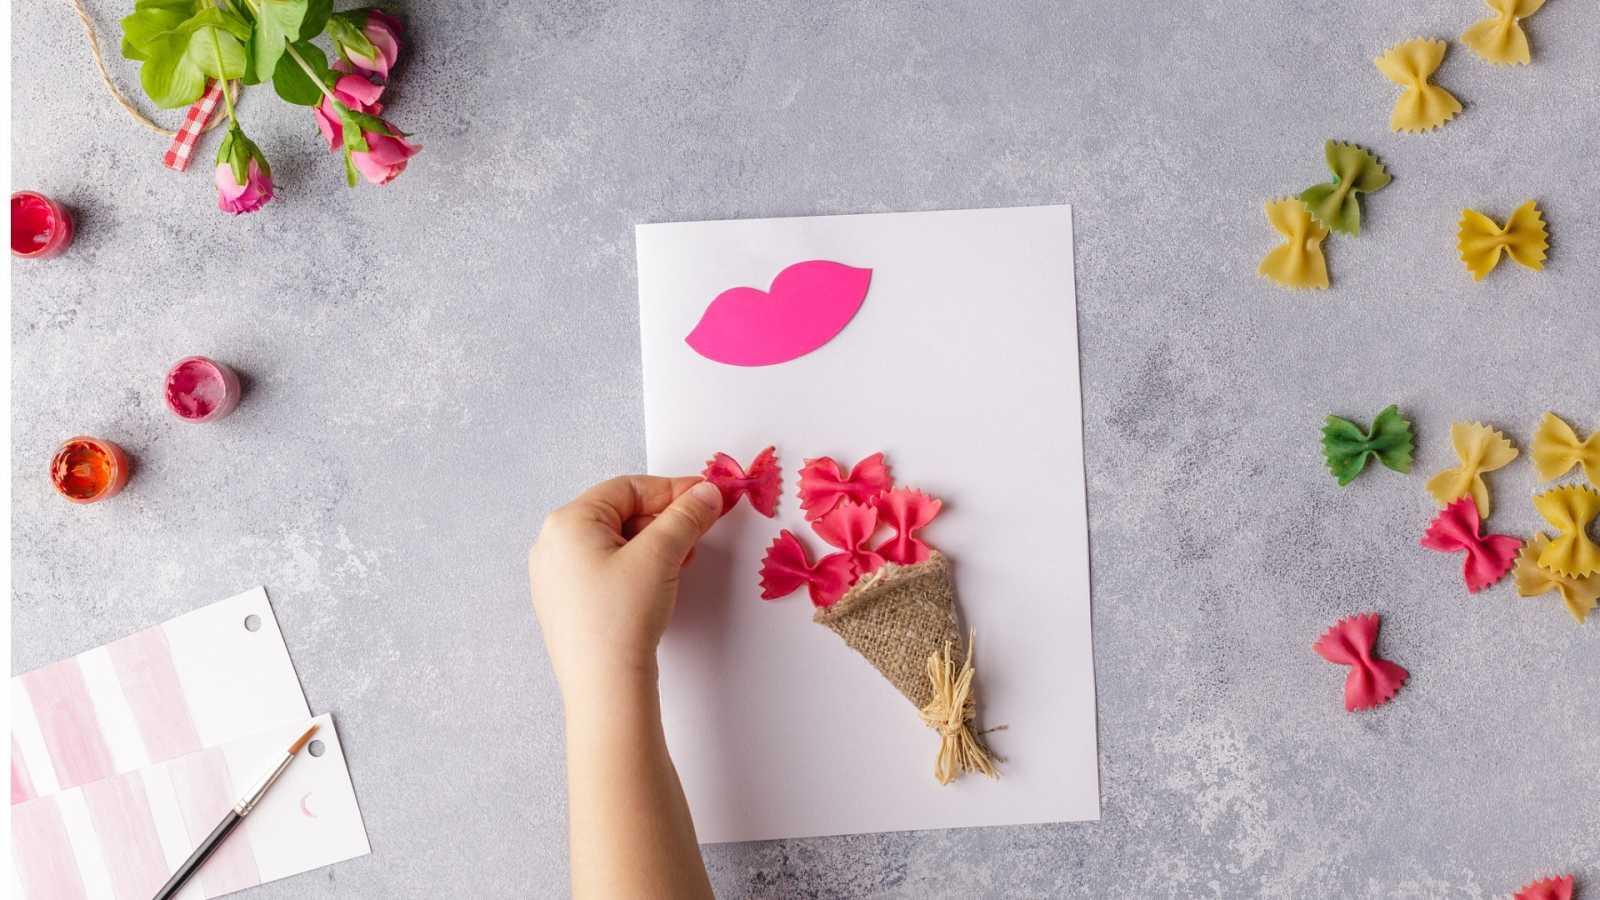 Fabrica tus propias tarjetas, flores y regalos para el 3 de mayo